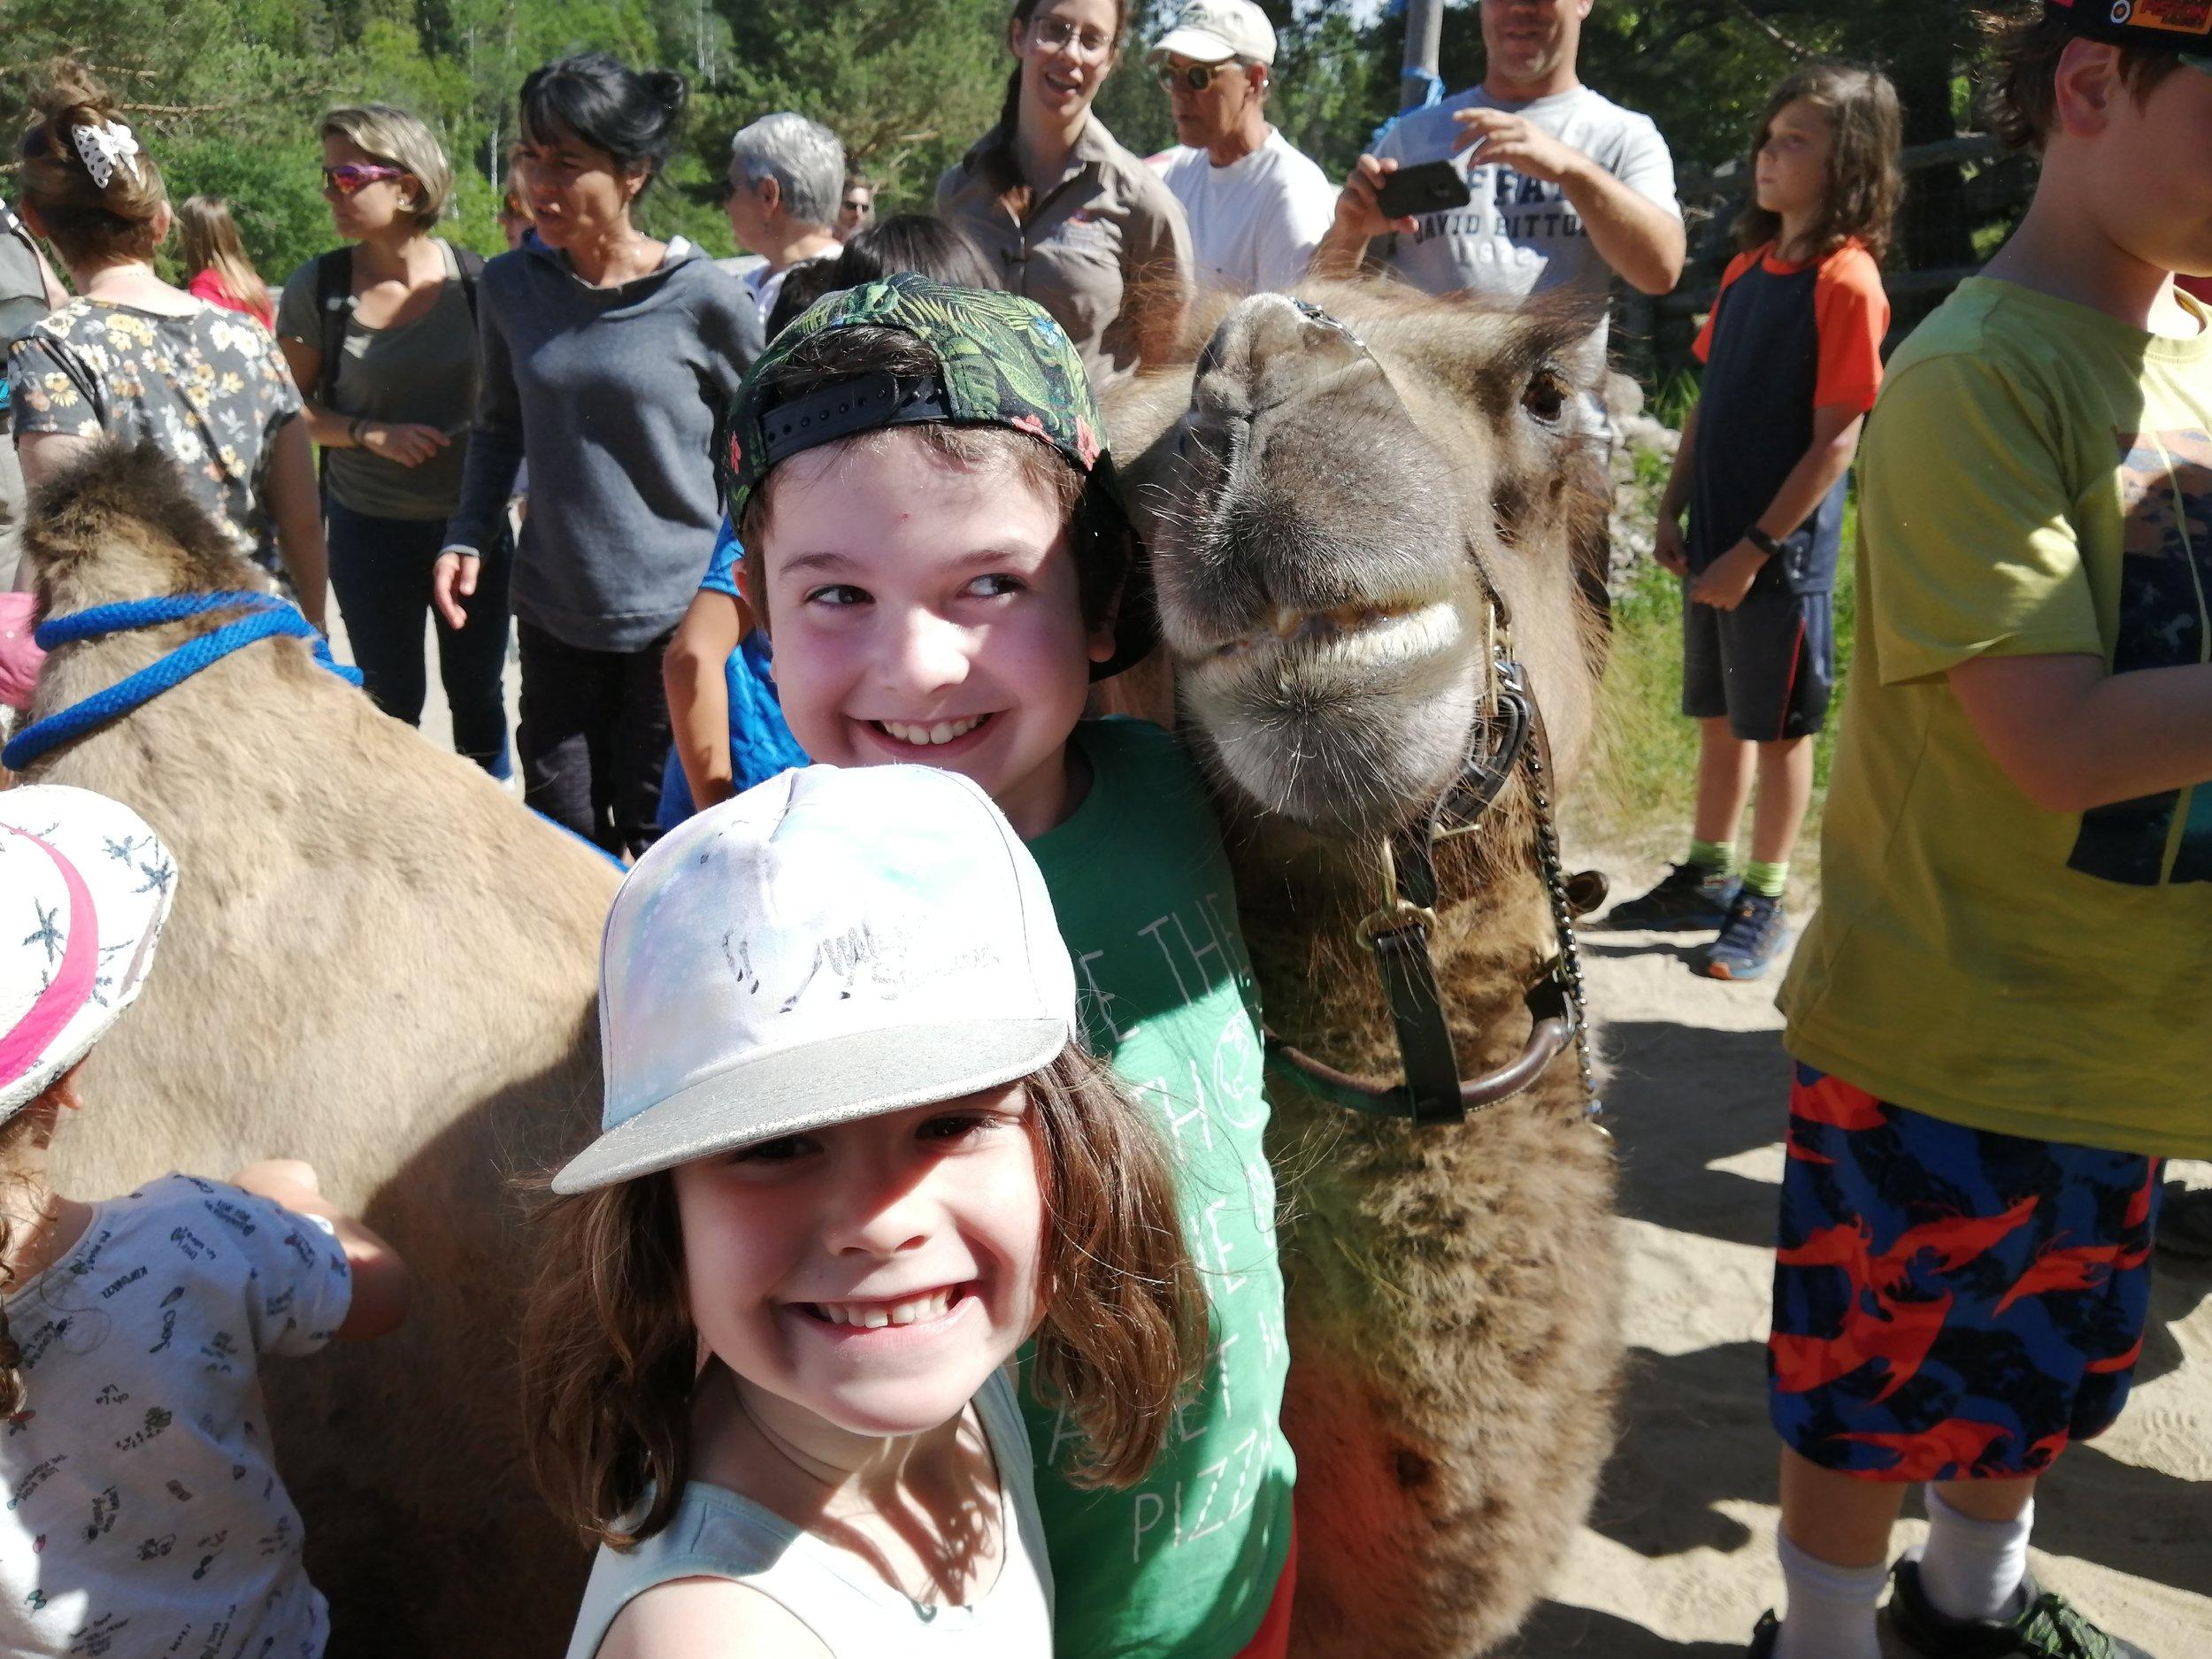 voyage-famille-lac-saint-jean-chameau-gobi-zoo-sauvage-must-activité